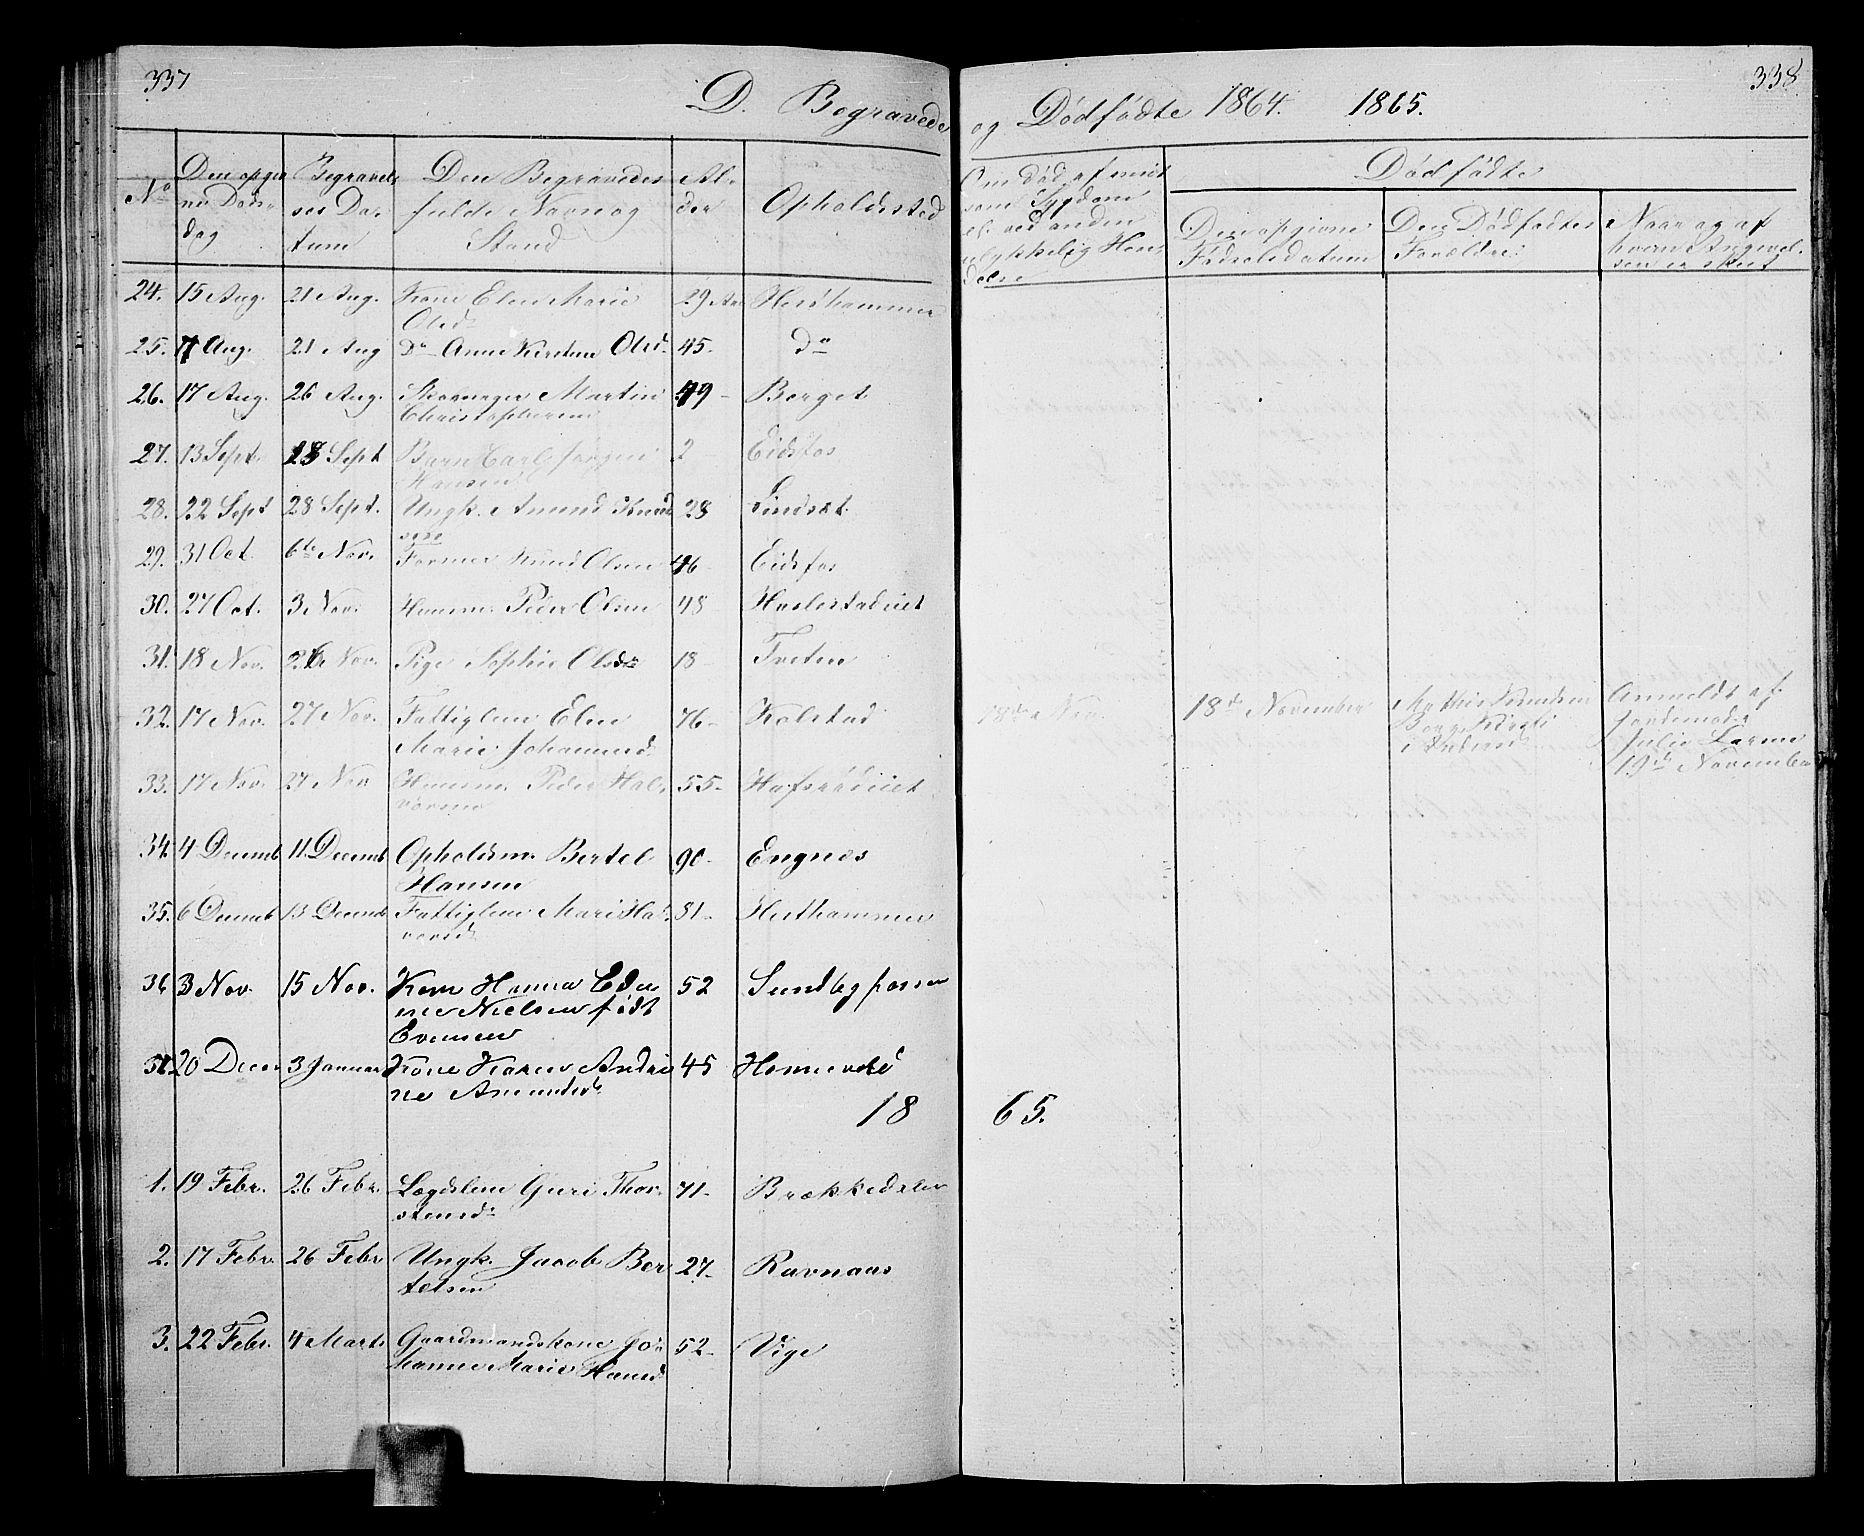 SAKO, Hof kirkebøker, G/Ga/L0002: Klokkerbok nr. I 2, 1859-1873, s. 337-338